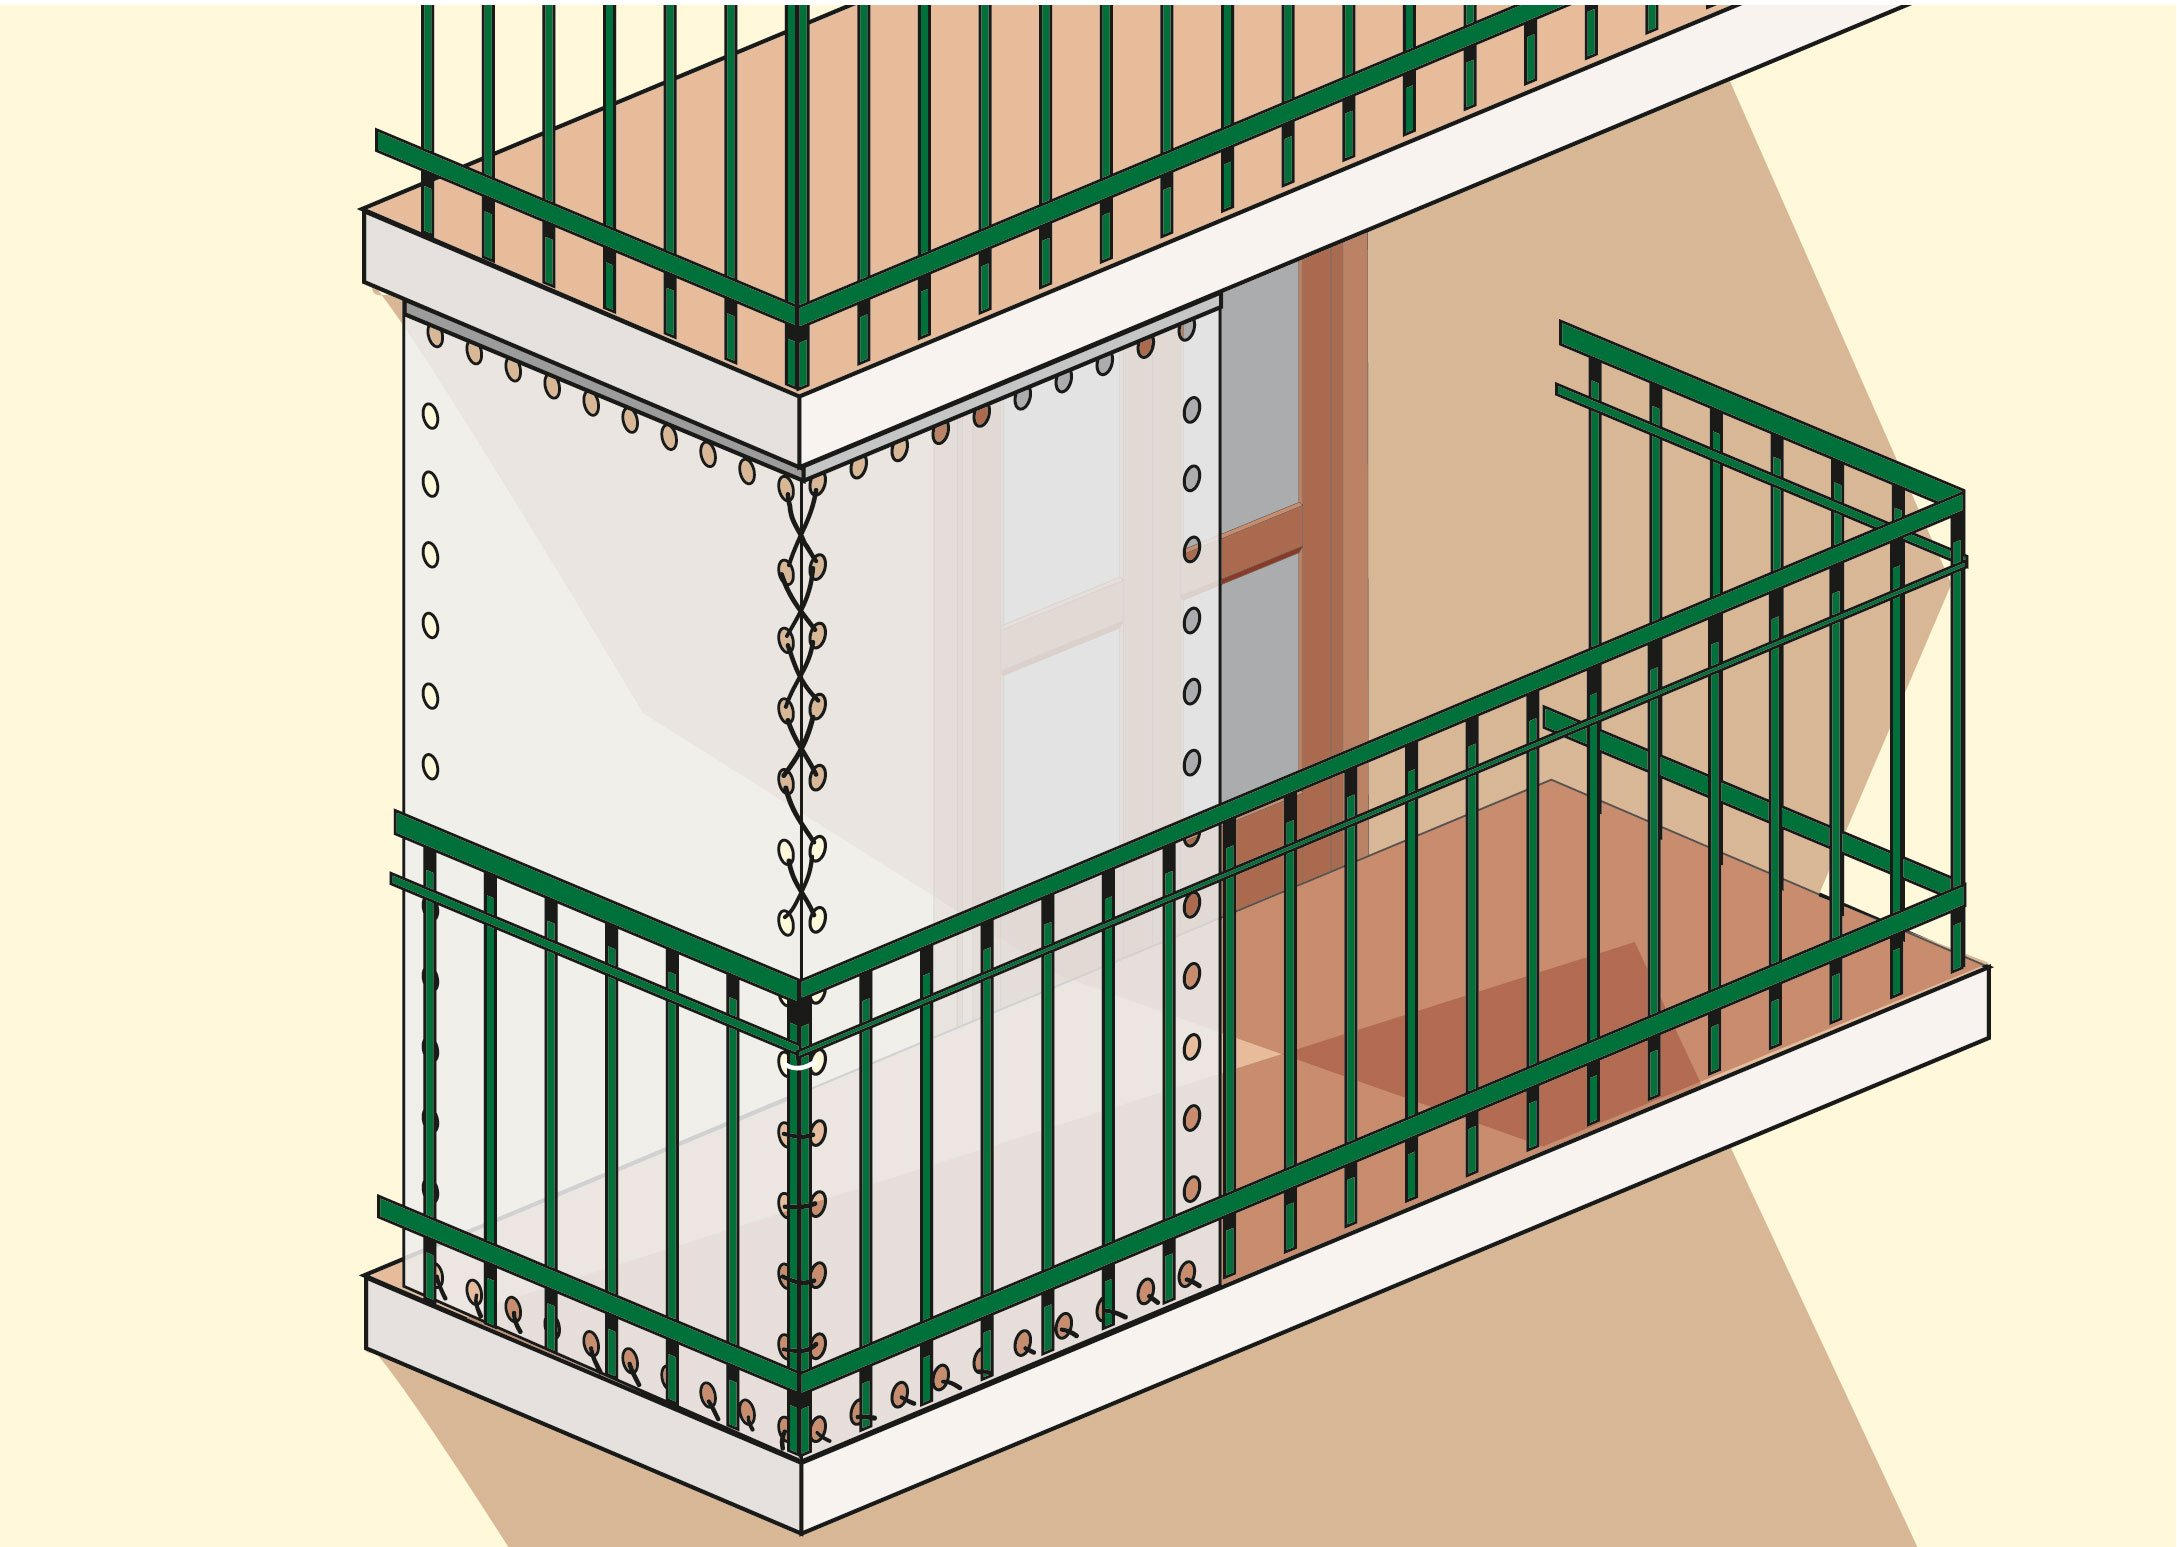 Proteggere dal freddo le piante sul balcone cose di casa - Chiudere una finestra di casa ...